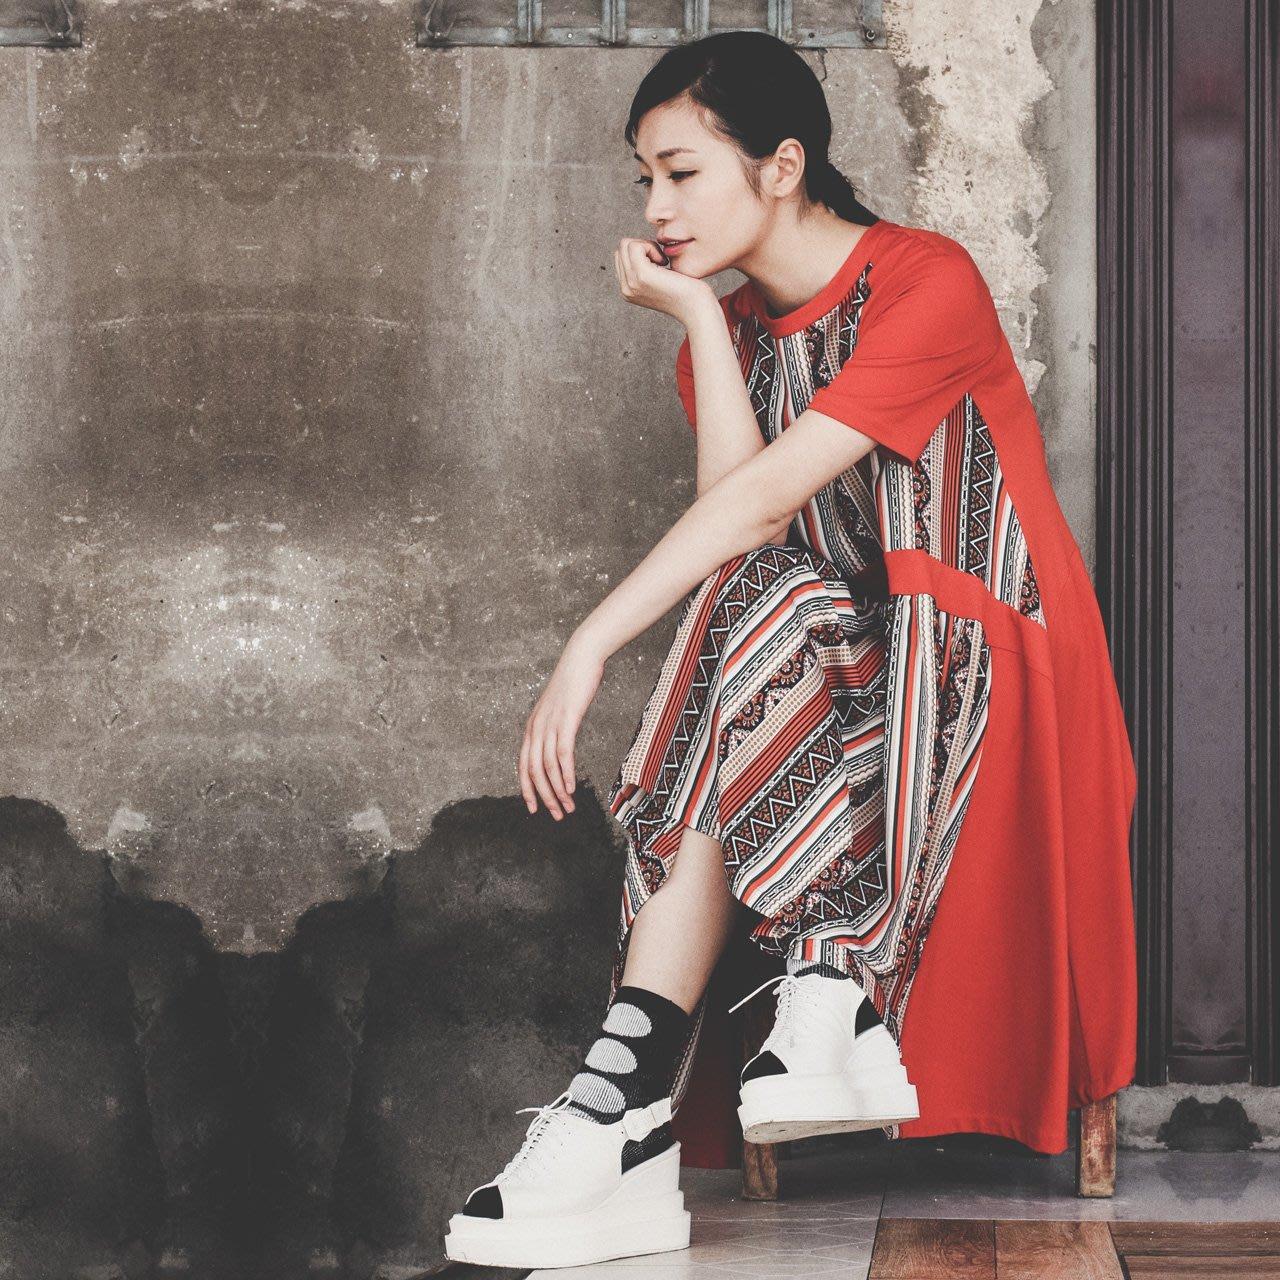 SMACHIC studio 獨立設計師品牌 / 嬉皮趣味。寬擺 oversized 印花拼接T恤娃娃洋裝